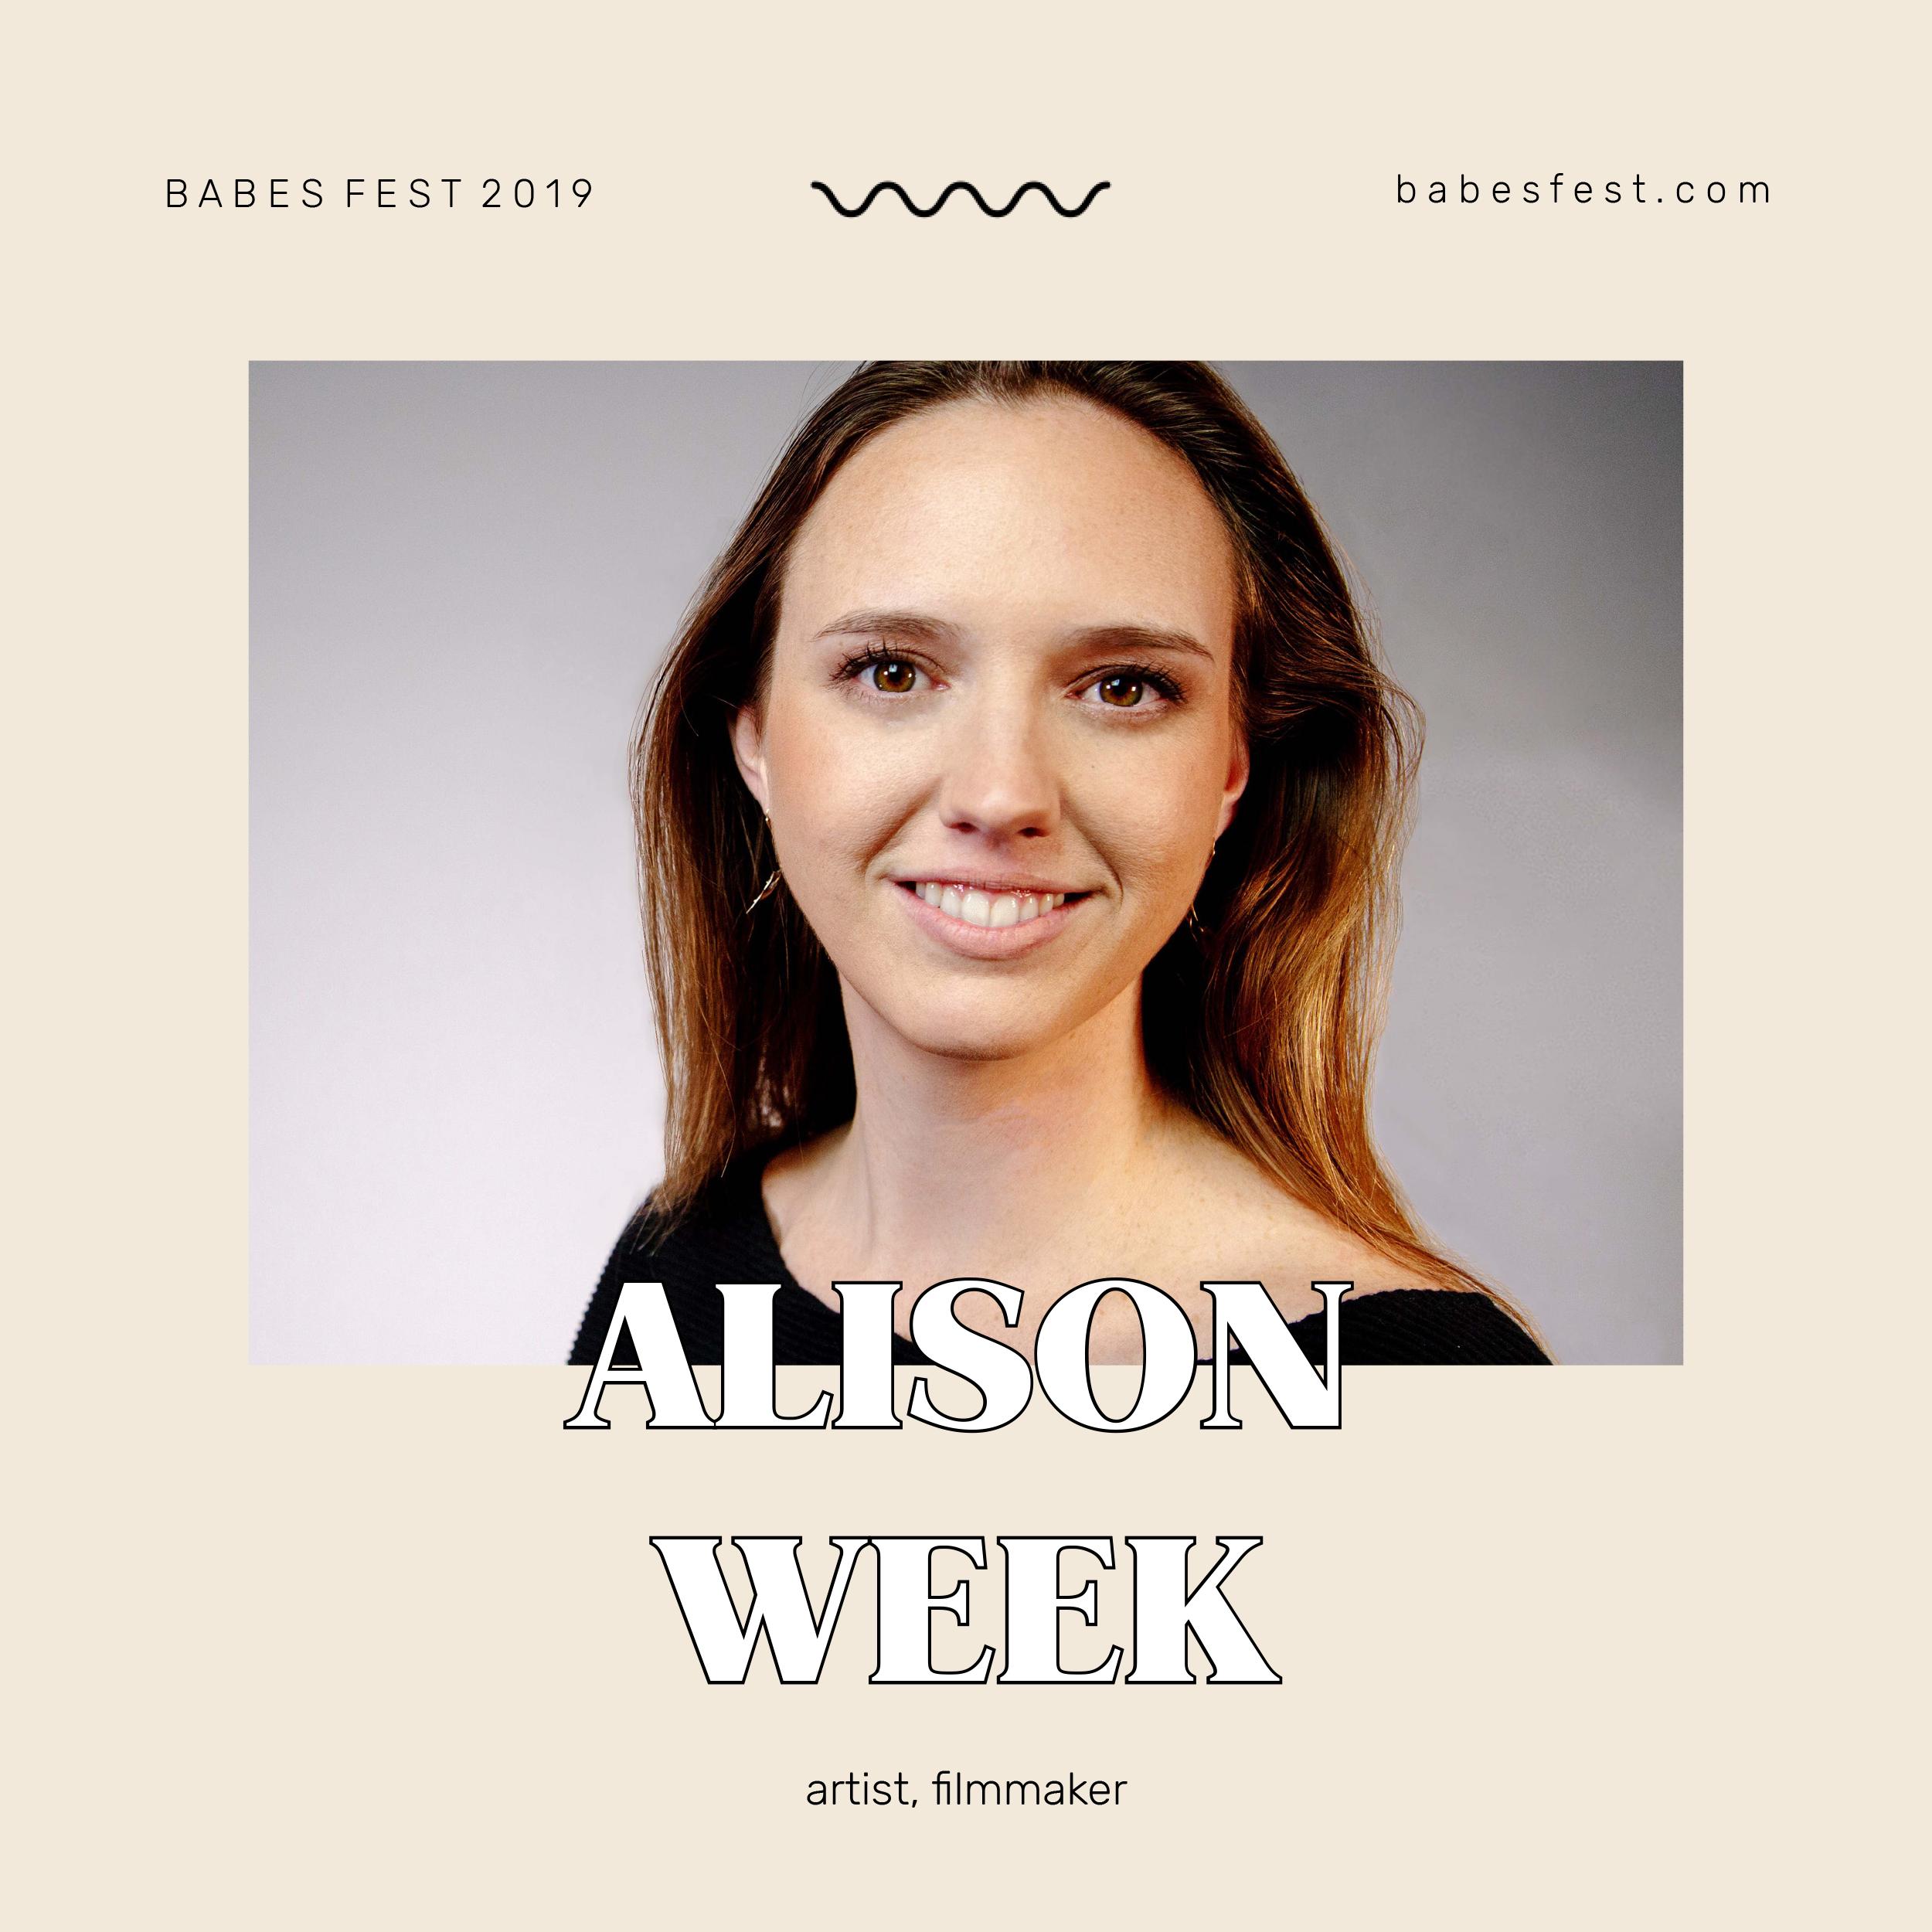 Alison Week